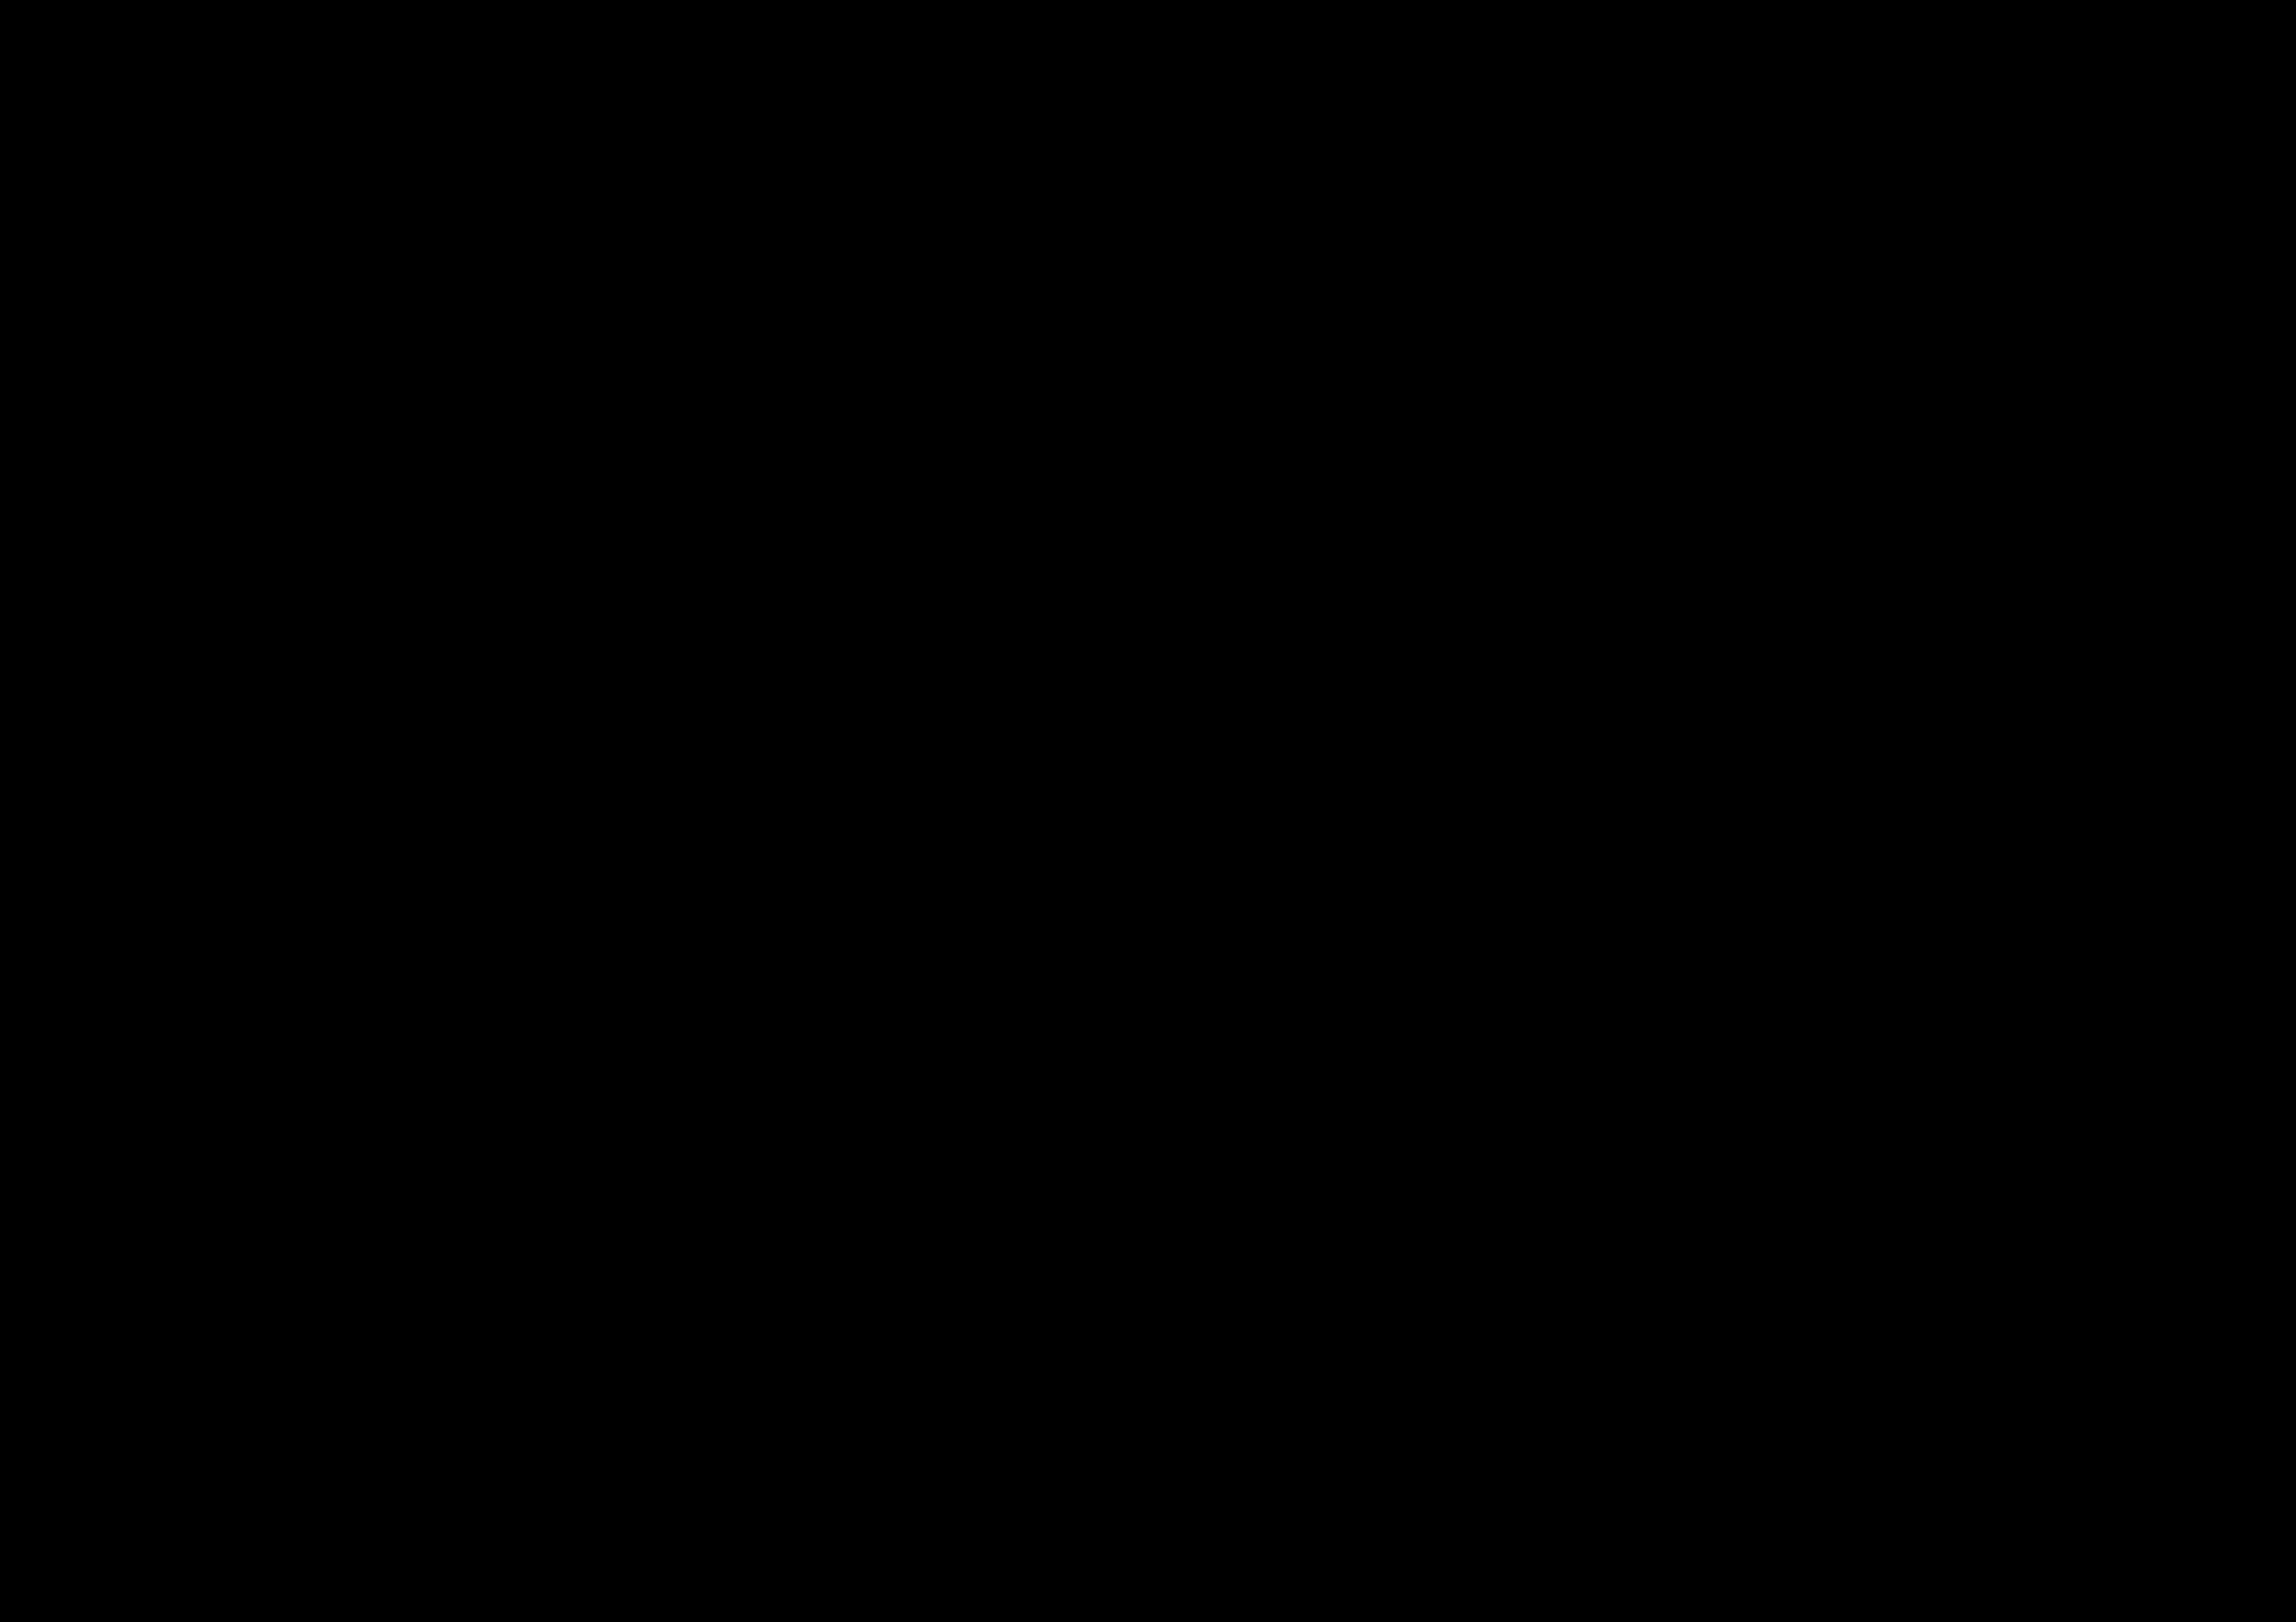 Il waterfront di San Salvo_nuove riconversioni tra sistemi naturali e sistemi urbani Board